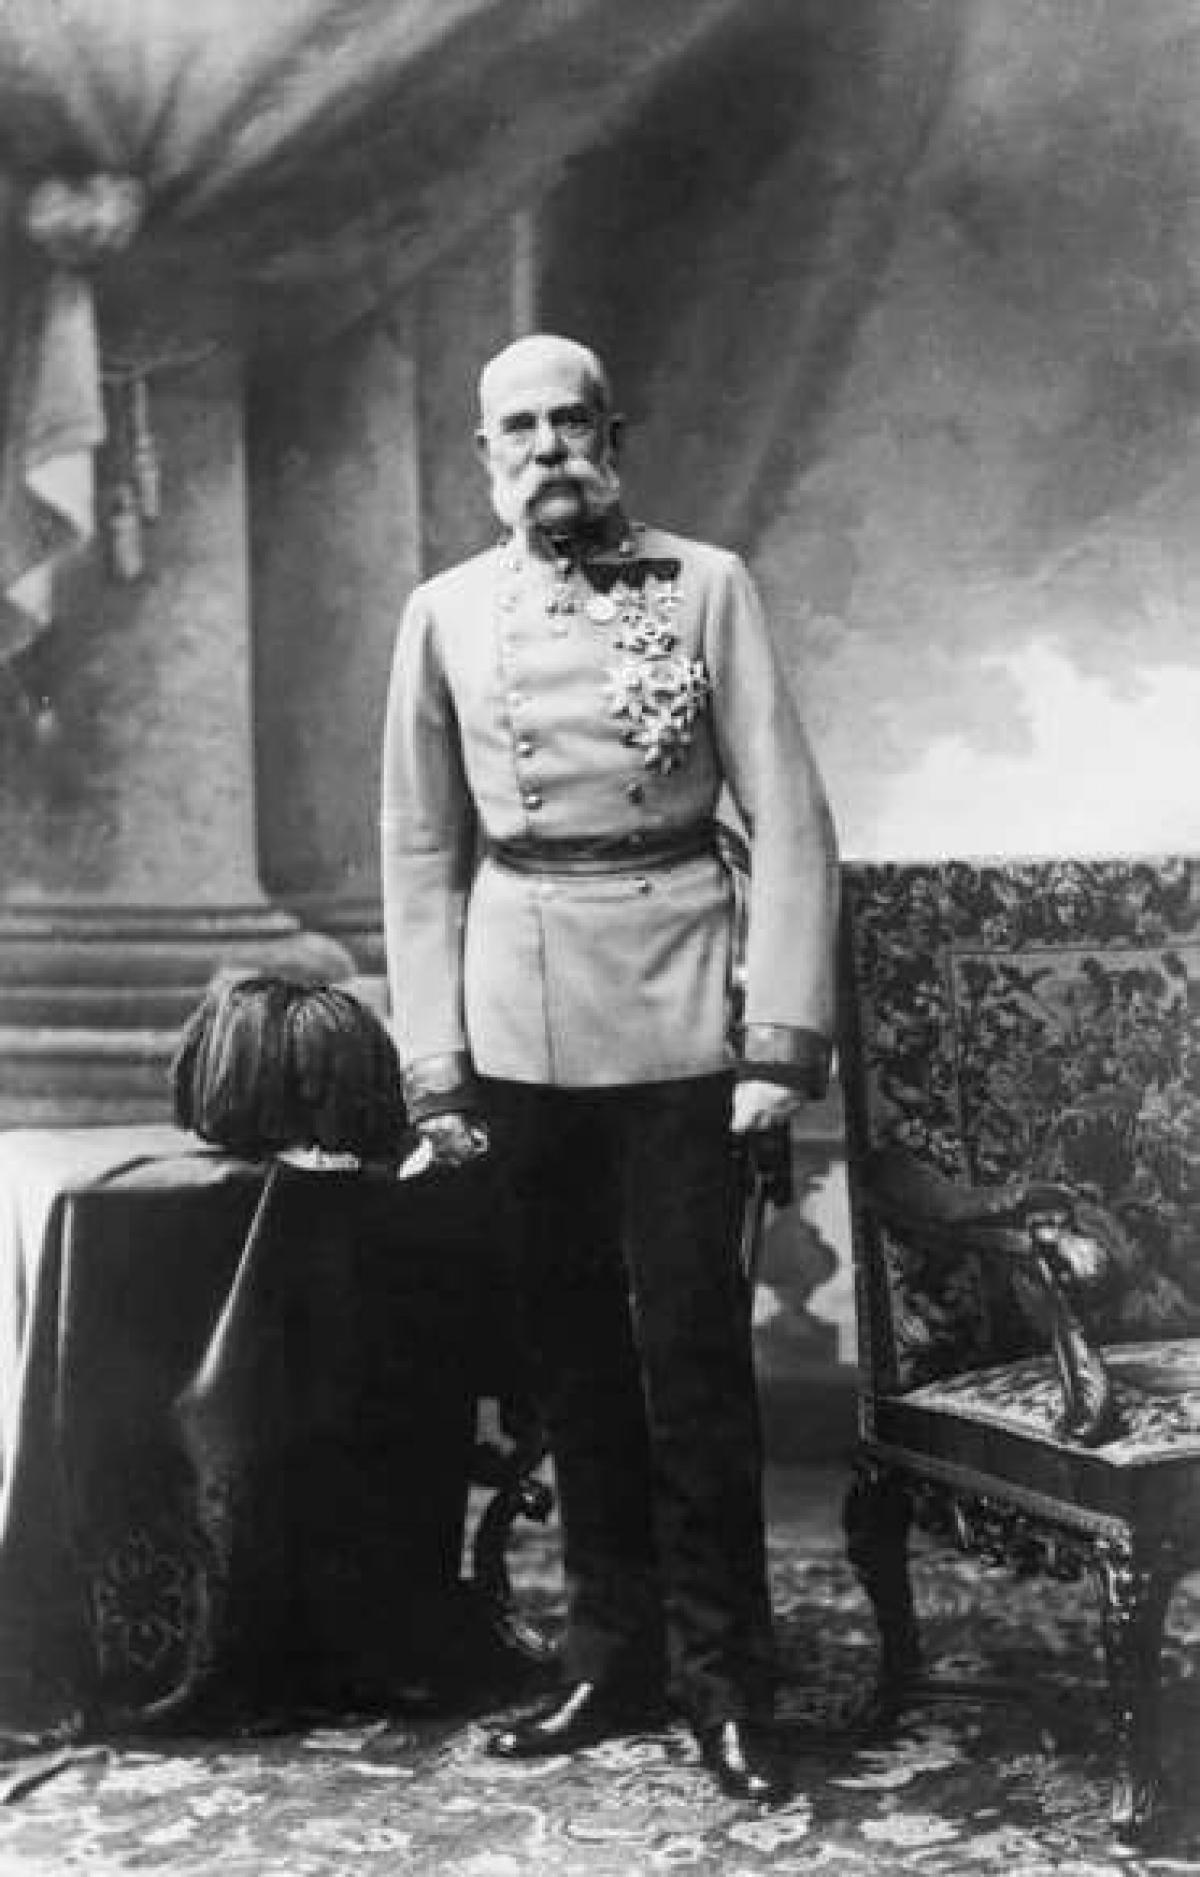 Franz Joseph I là Hoàng đế Áo từ năm 1848 tới năm 1916. Ông cai trị tới 68 năm, đứng thứ 3 trong danh sách các vua trị vì lâu nhất tại châu Âu (sauLouis XIV của PhápvàJohann II xứ Liechtenstein) và lâu hơnNữ hoàngVictoria của Anh4 năm.